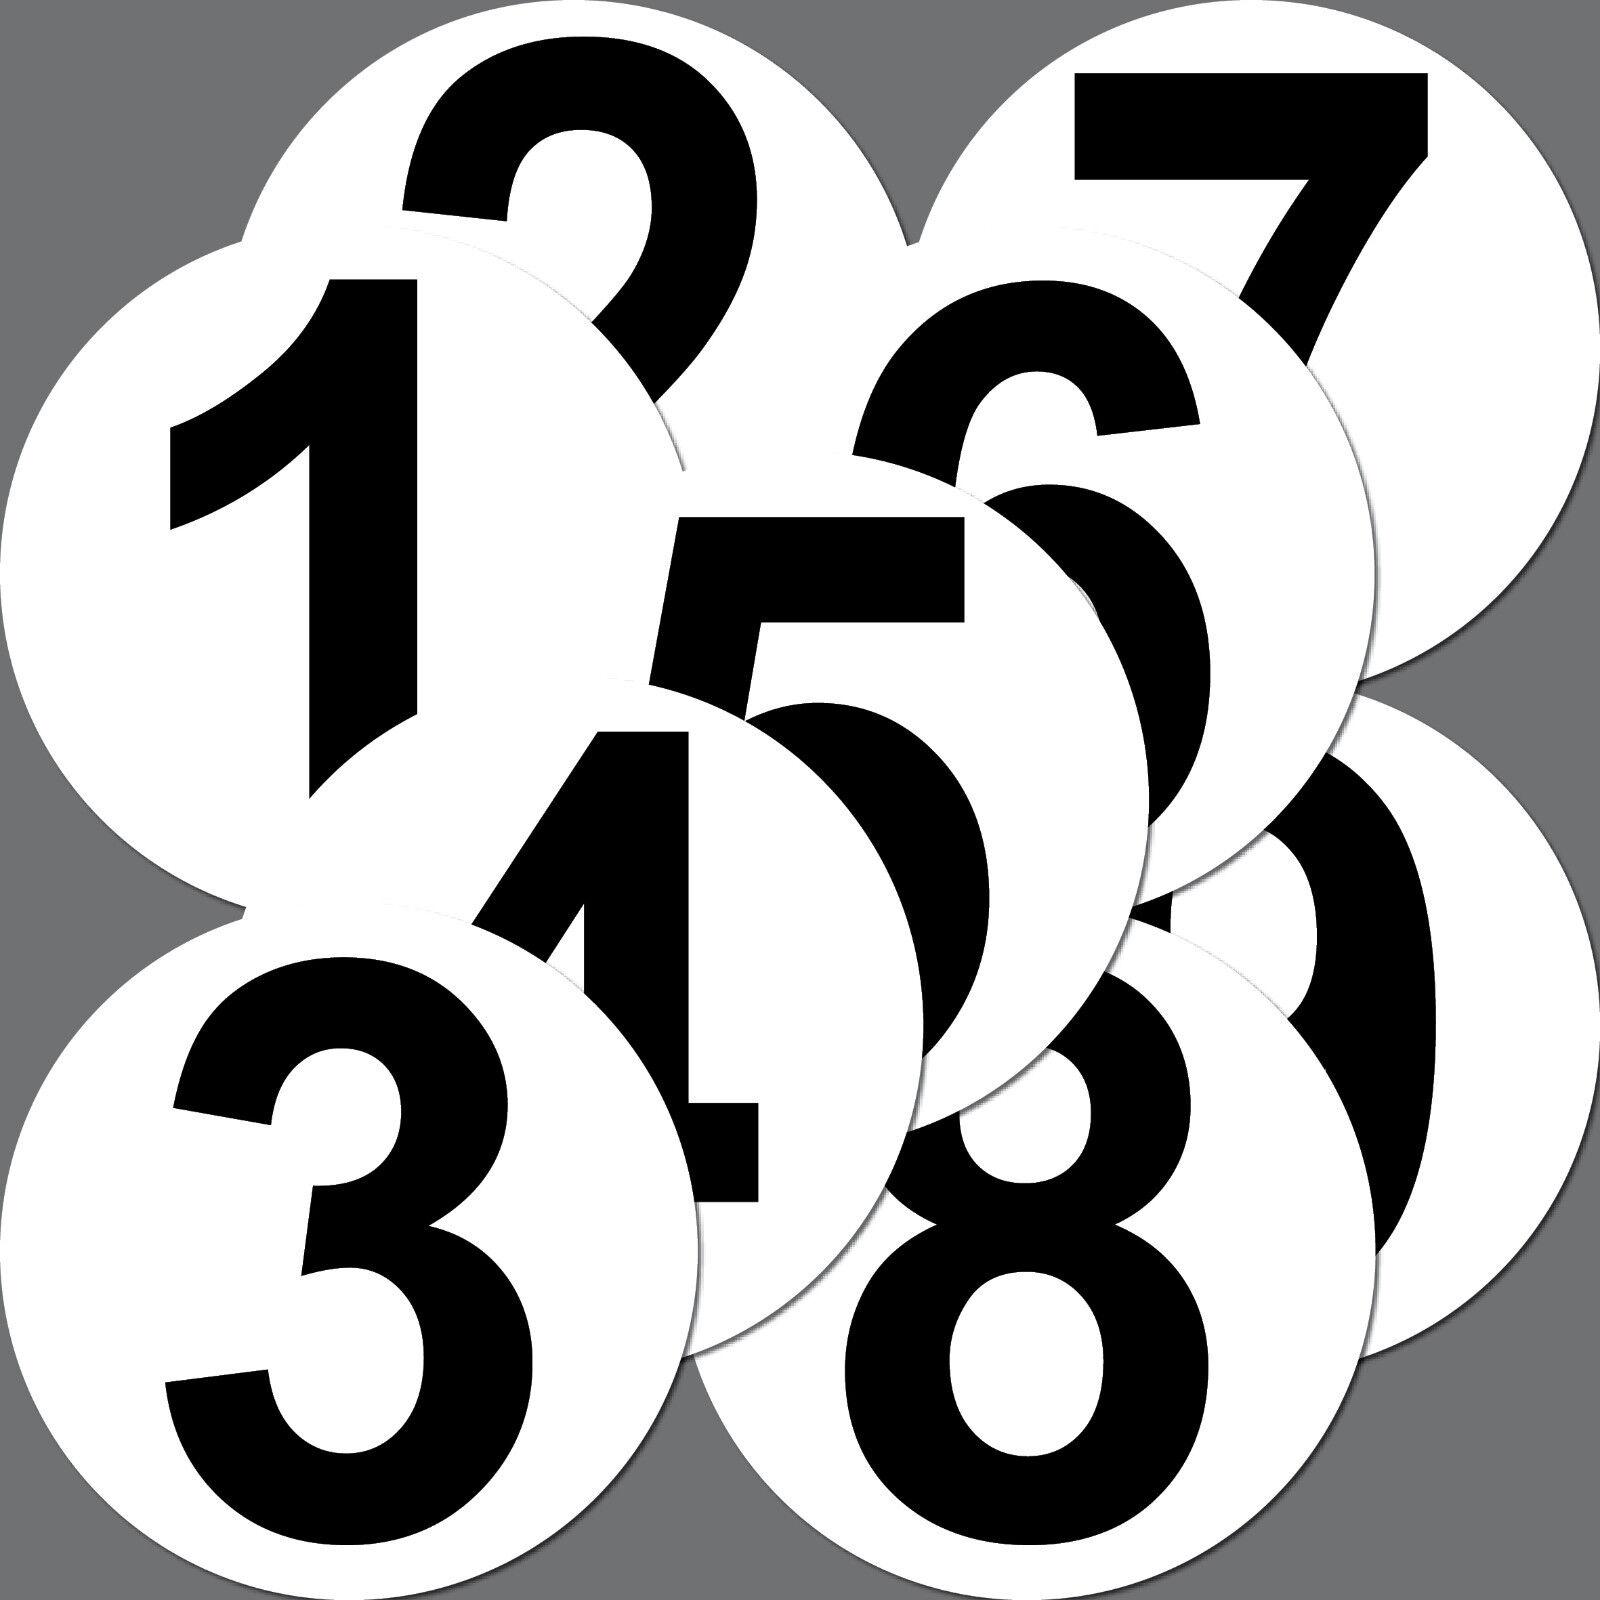 4 Aufkleber 15cm Sticker Startnummer Racing Nummer Nr Auto Motorrad Kart Sport Yategocom